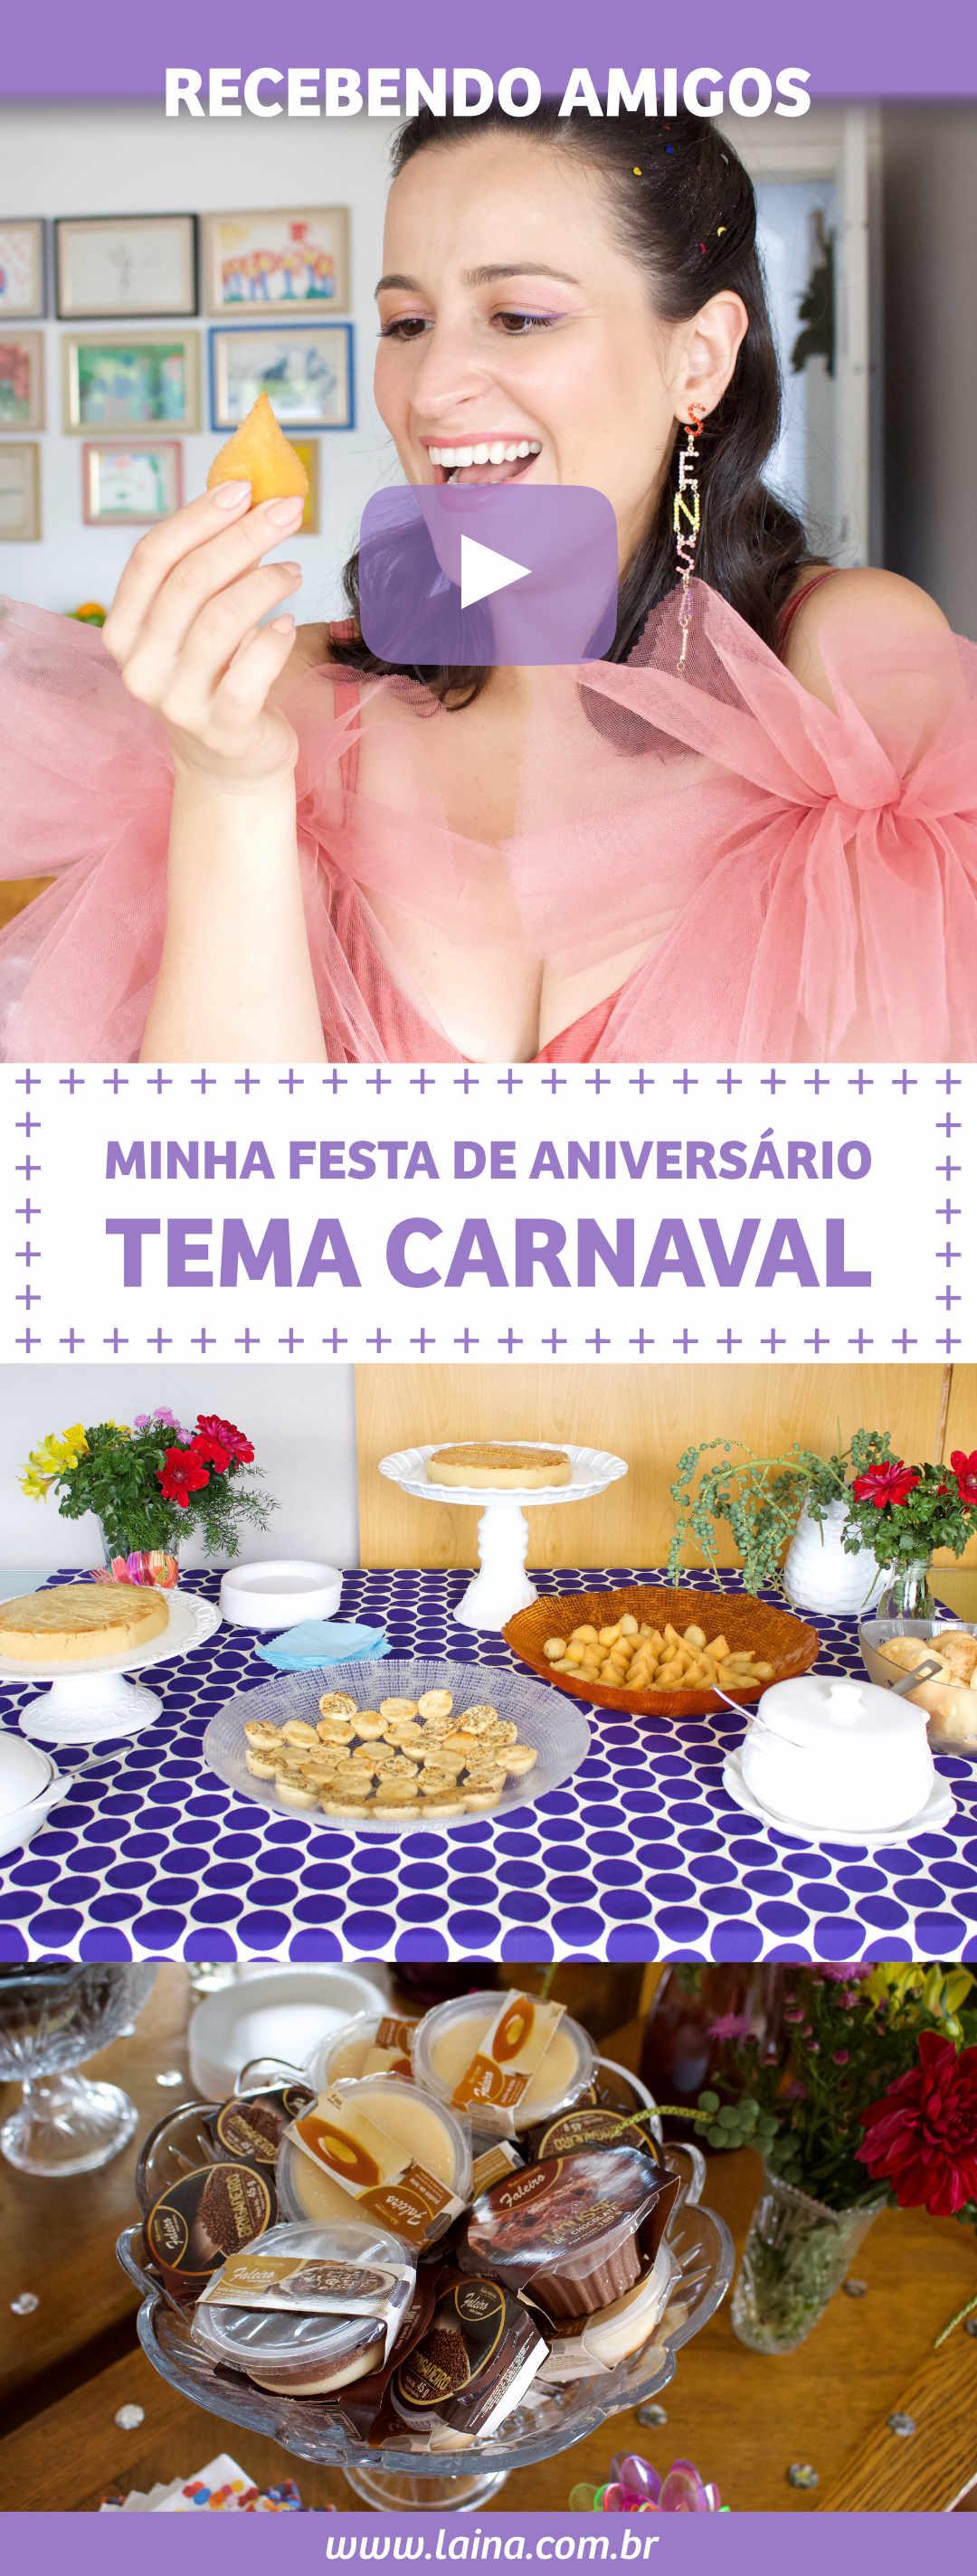 Minha Festa de Aniversário: Tema Carnaval